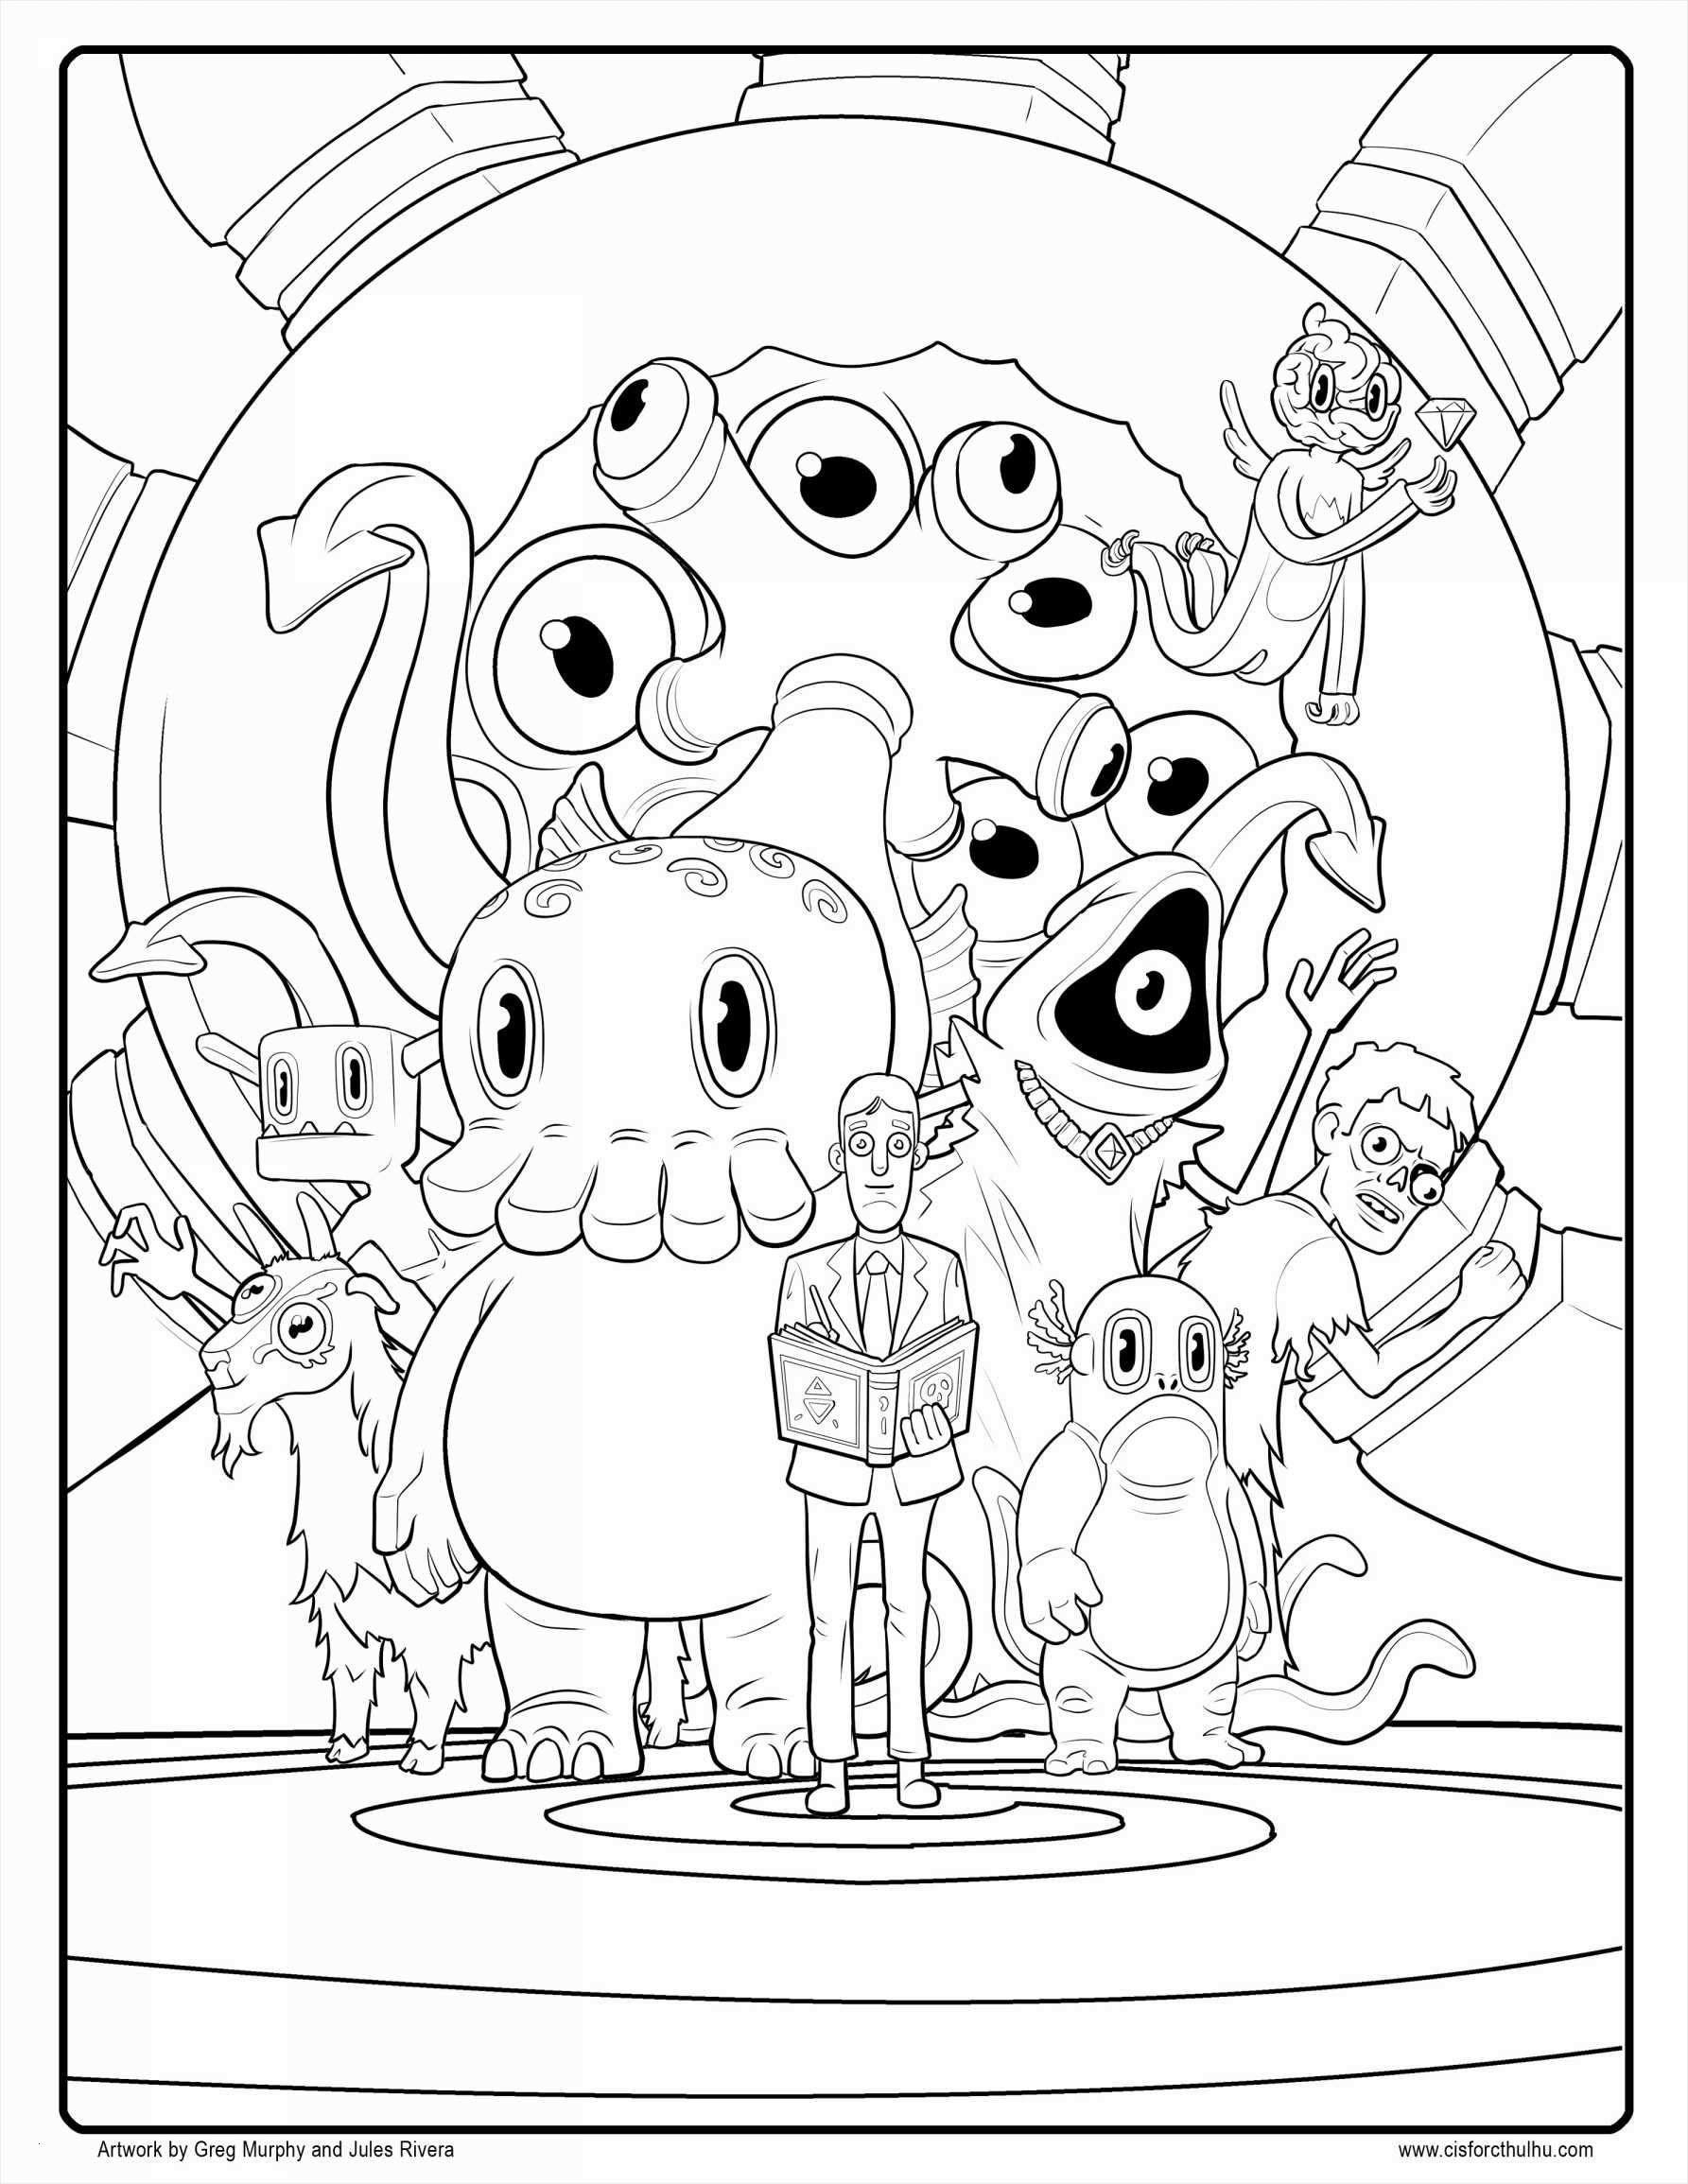 Glubschi Zum Ausmalen Frisch 37 Ausmalbilder Snoopy Scoredatscore Inspirierend Glubschi Das Bild